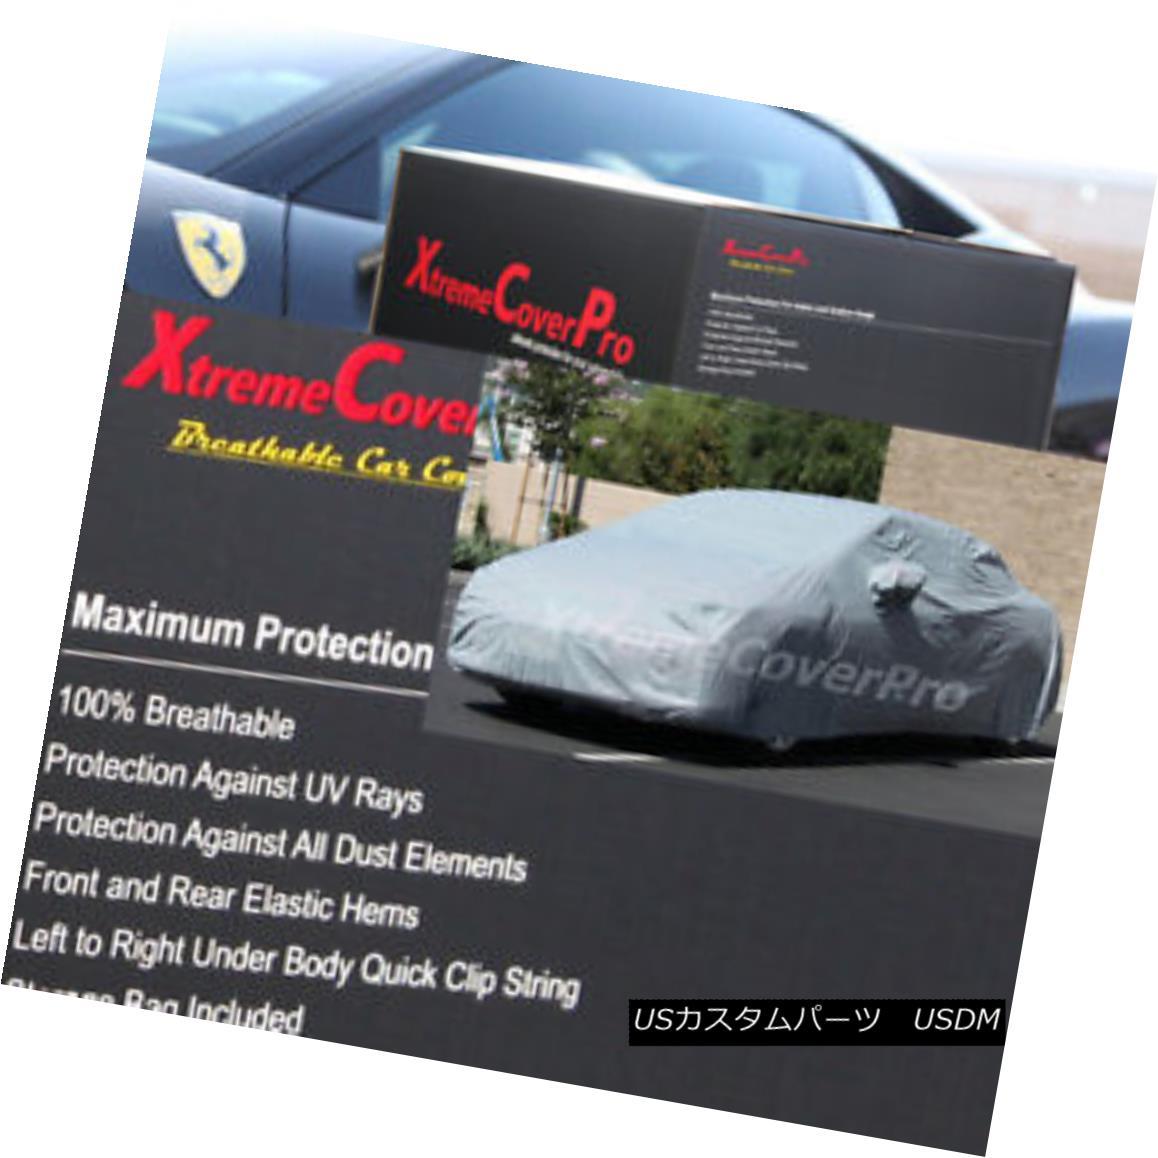 カーカバー 1992 1993 1994 1995 Honda Civic Hatchback Breathable Car Cover w/MirrorPocket 1992 1993 1994 1994ホンダシビックハッチバック通気性の車カバー付き/ MirrorPocket